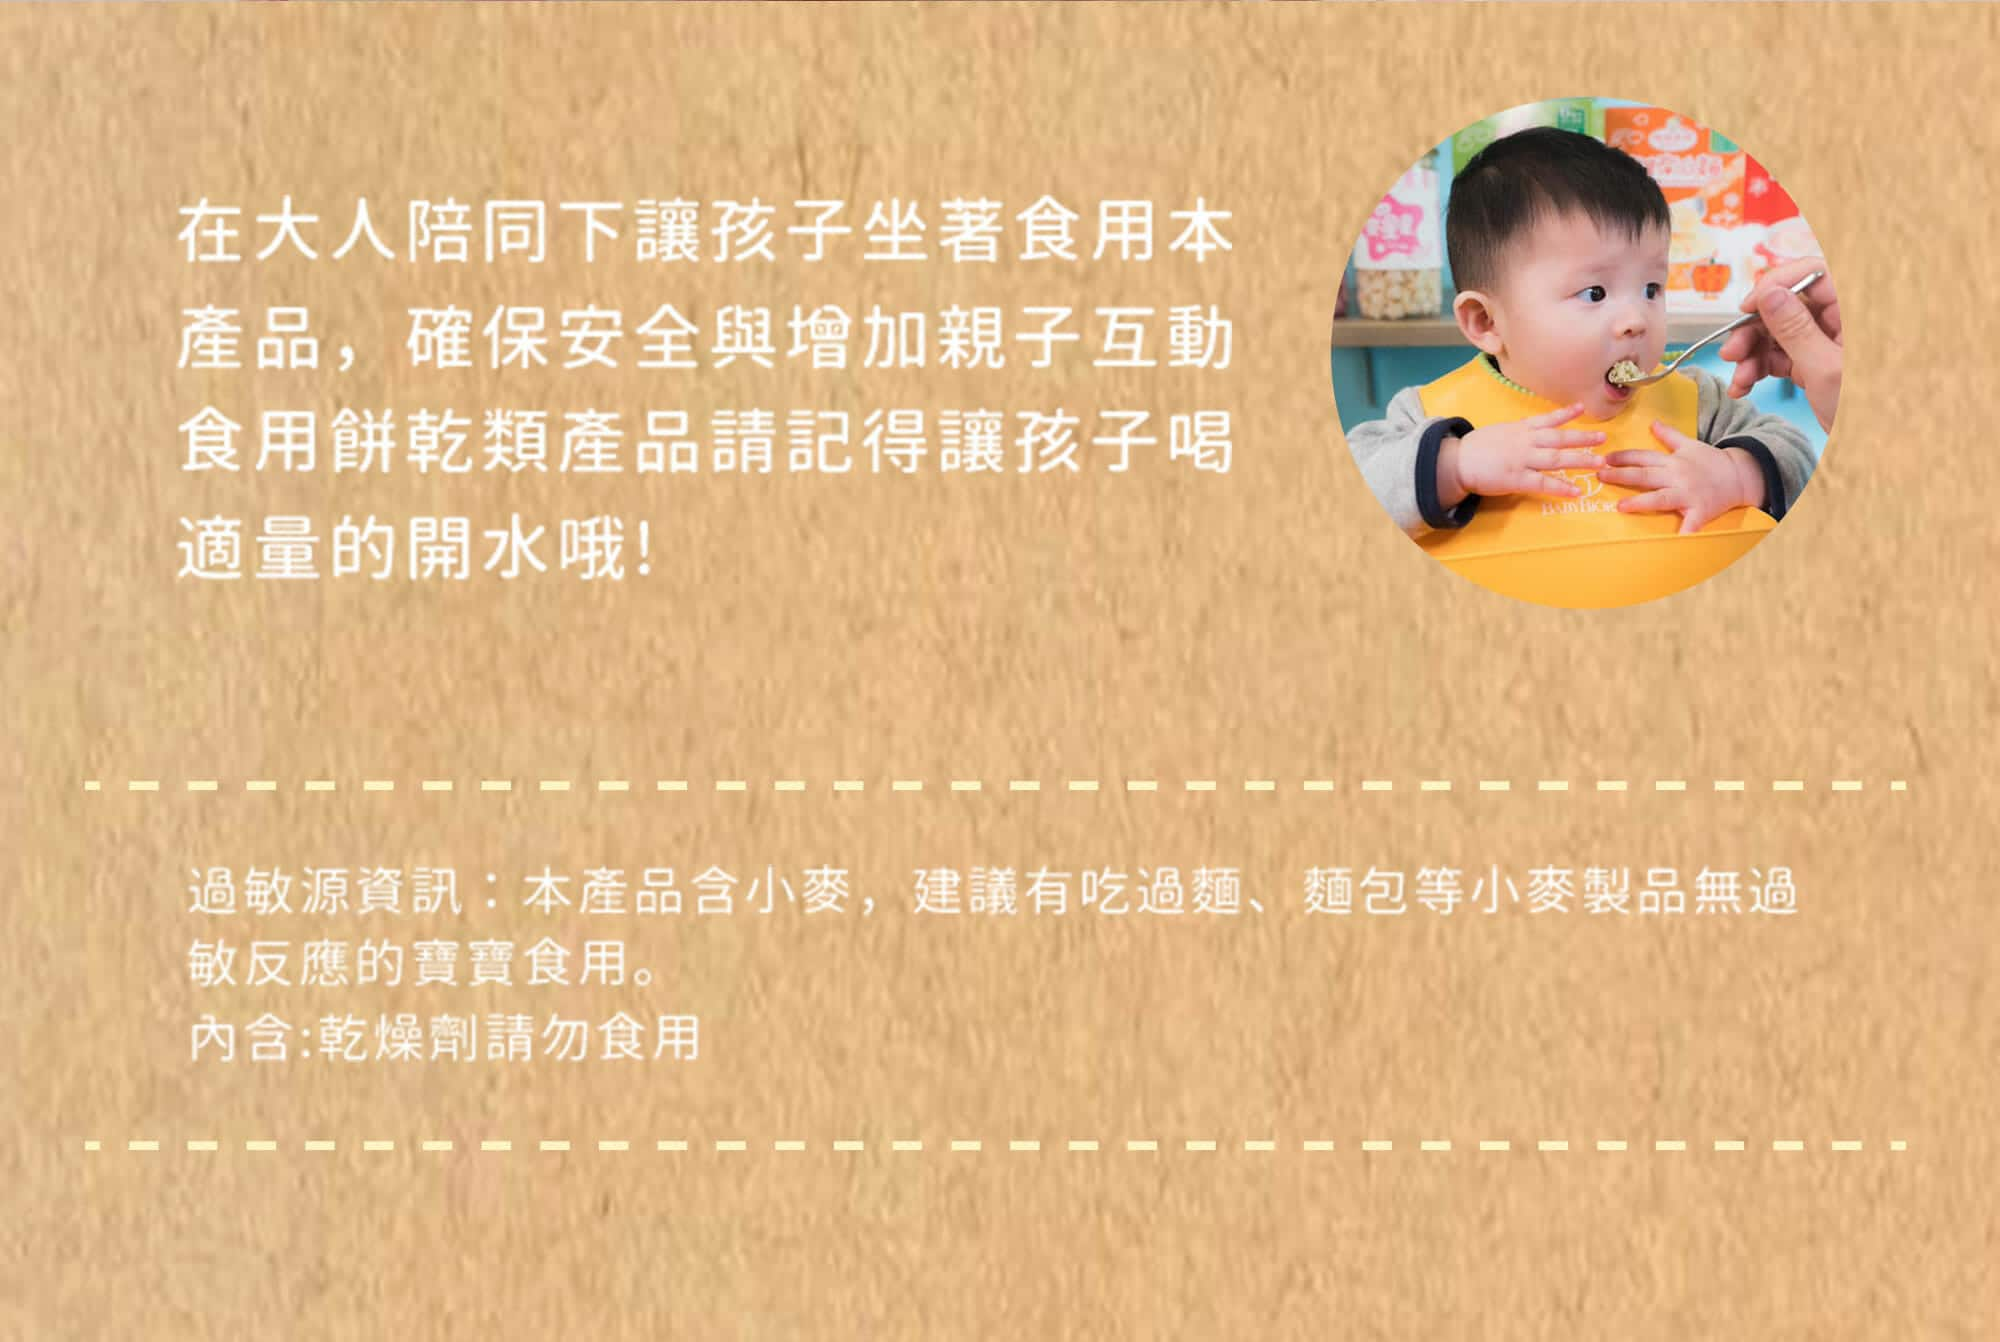 麥星星的食用建議,孩子要在大人的陪同下坐著食用,並搭配適量的白開水。麥星星的過敏源資訊,產品含有小麥,建議無過敏反應的孩子食用,包裝內的乾燥劑請勿食用。